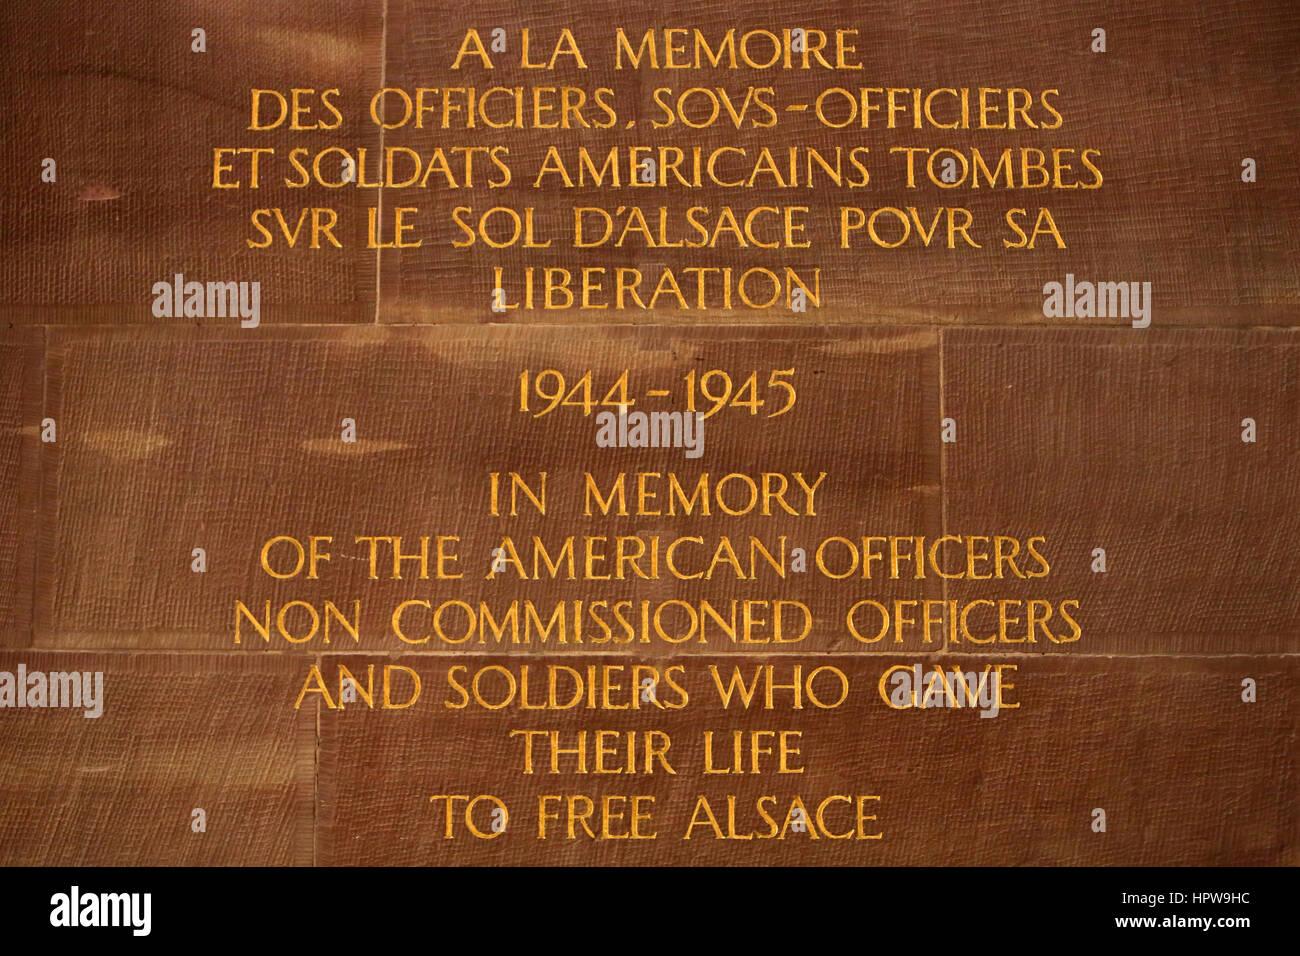 Sous officers et soldats bernex webcam